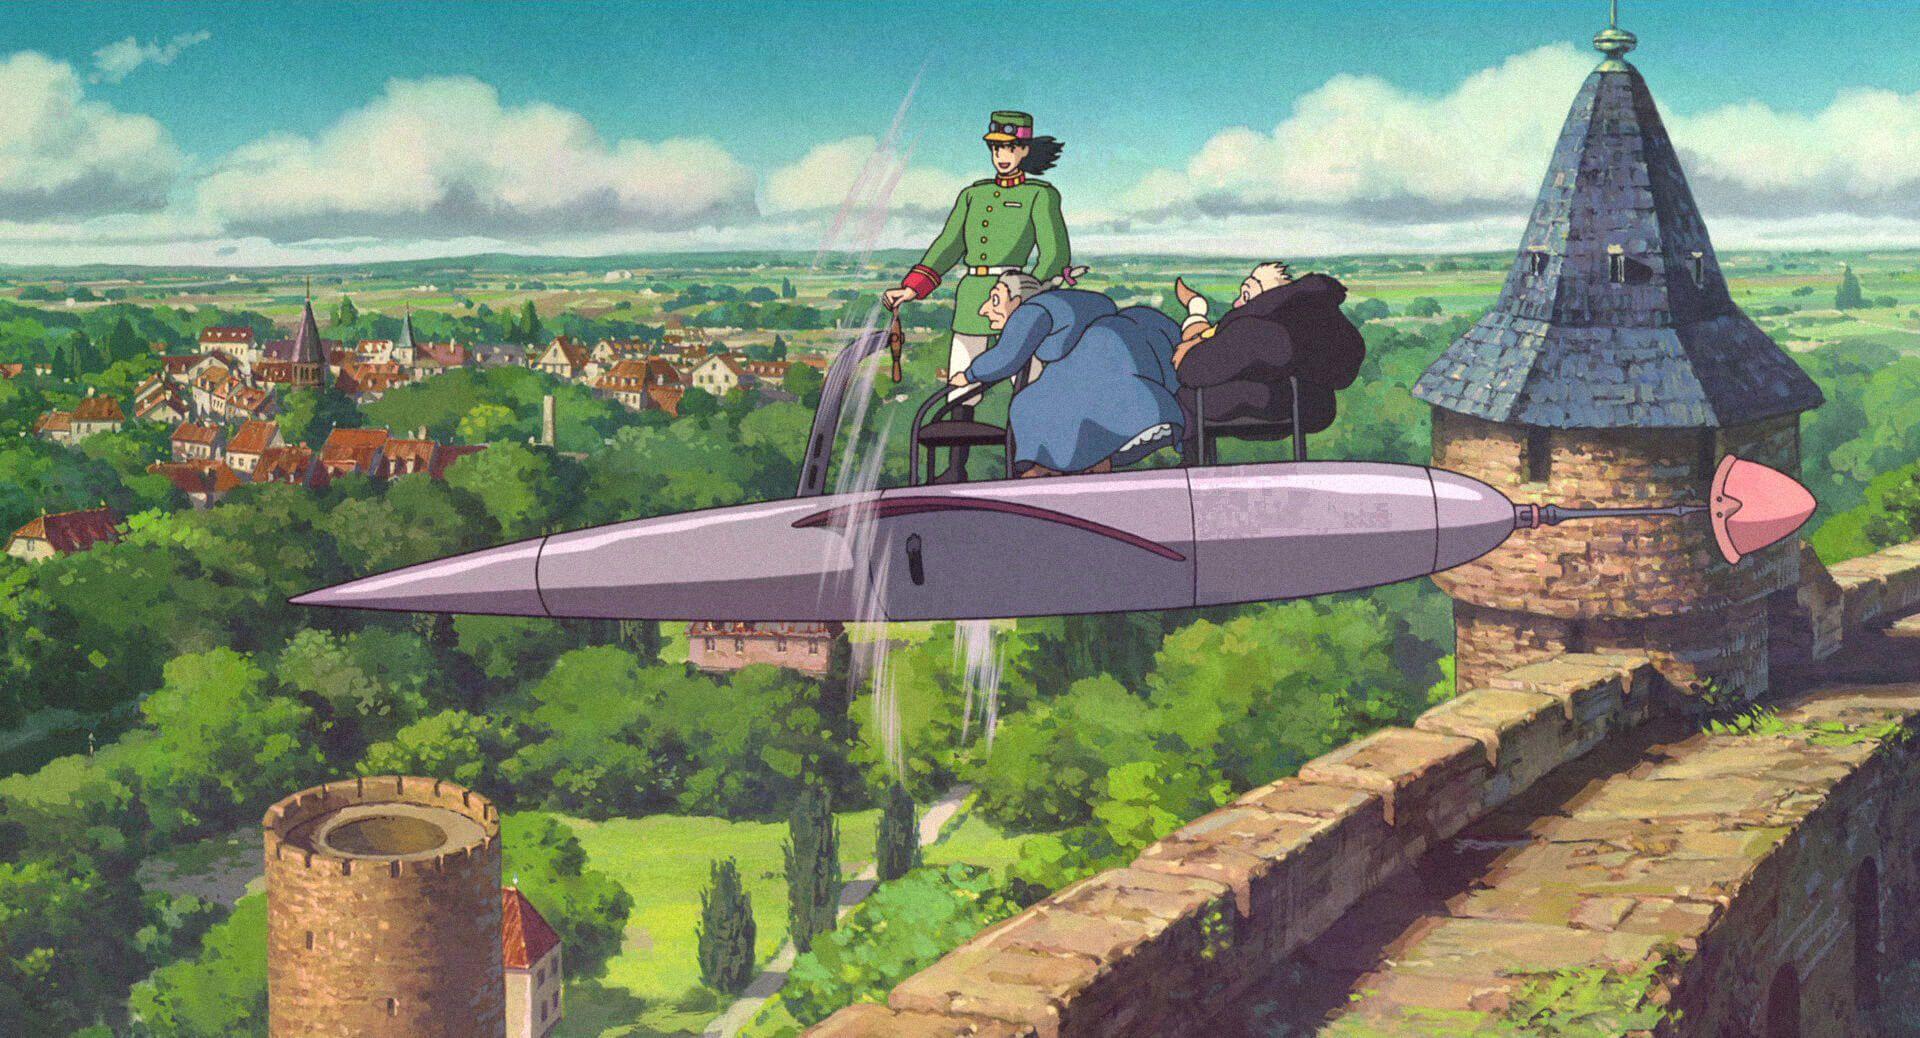 Кадр из «Ходячего замка» Хаяо Миядзаки. Источник: imdb.com